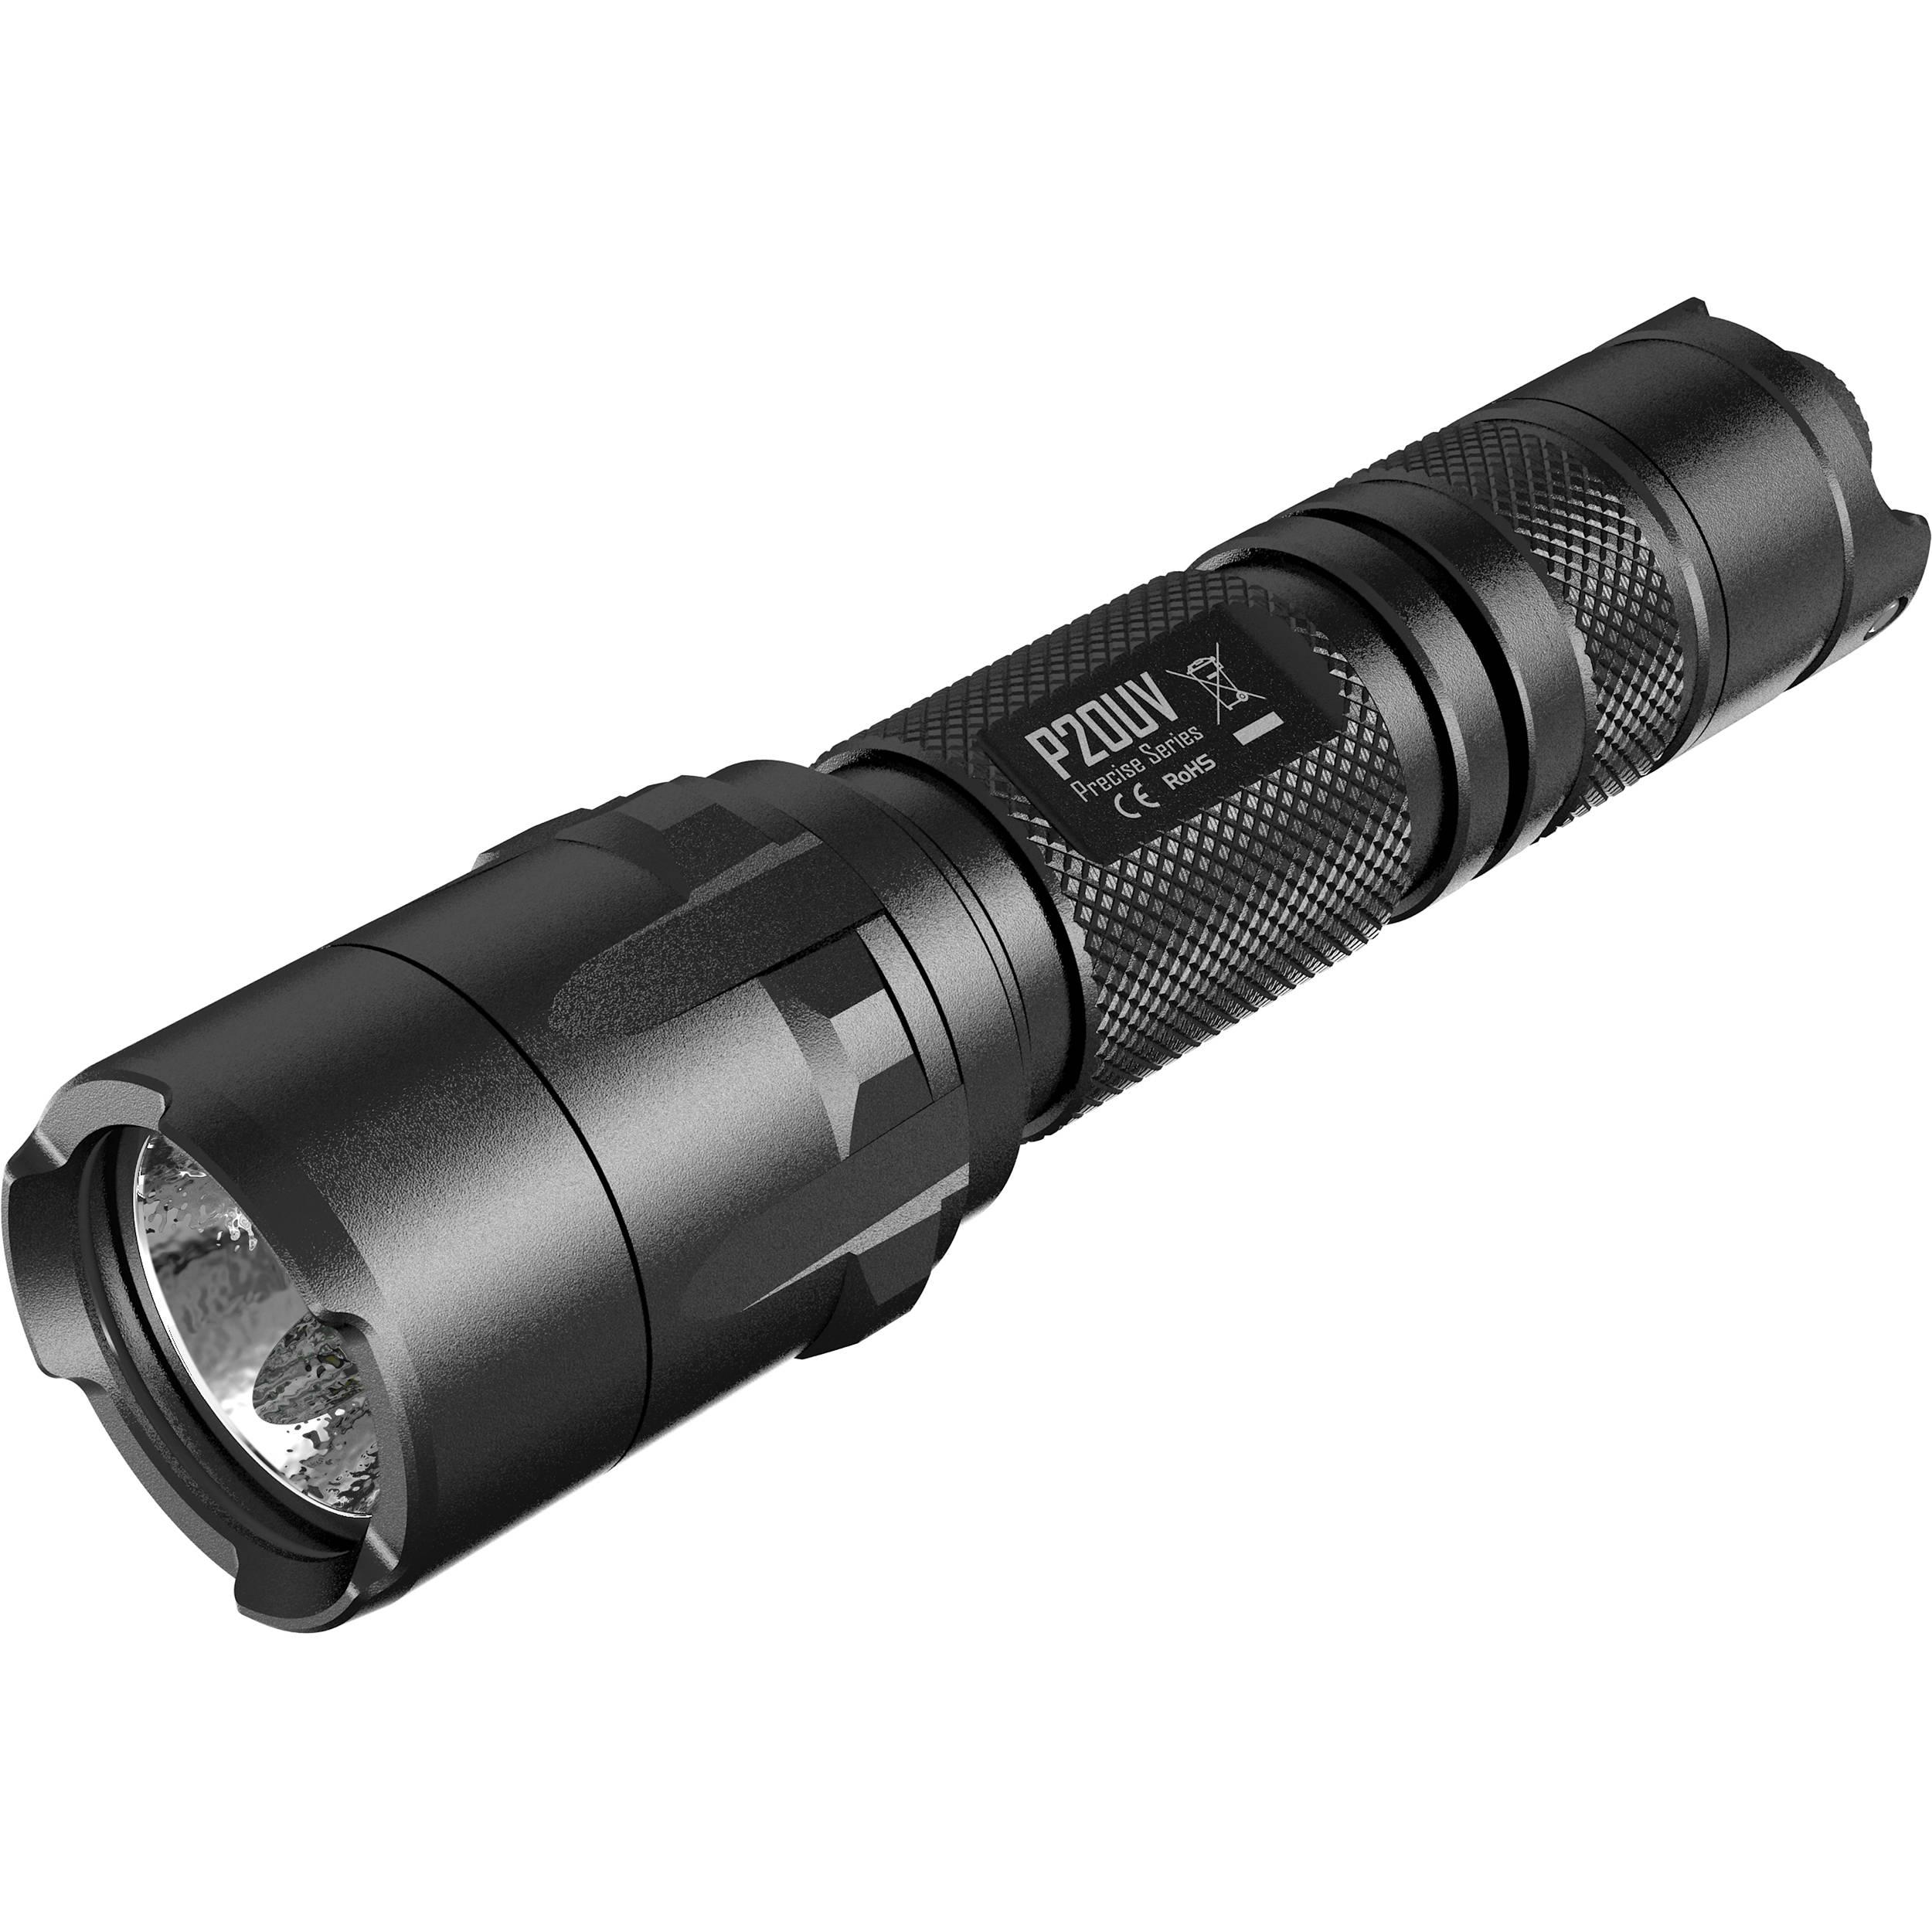 DEL Lampe de poche police internationale torche sécurité lampe de poche batons lumineux.